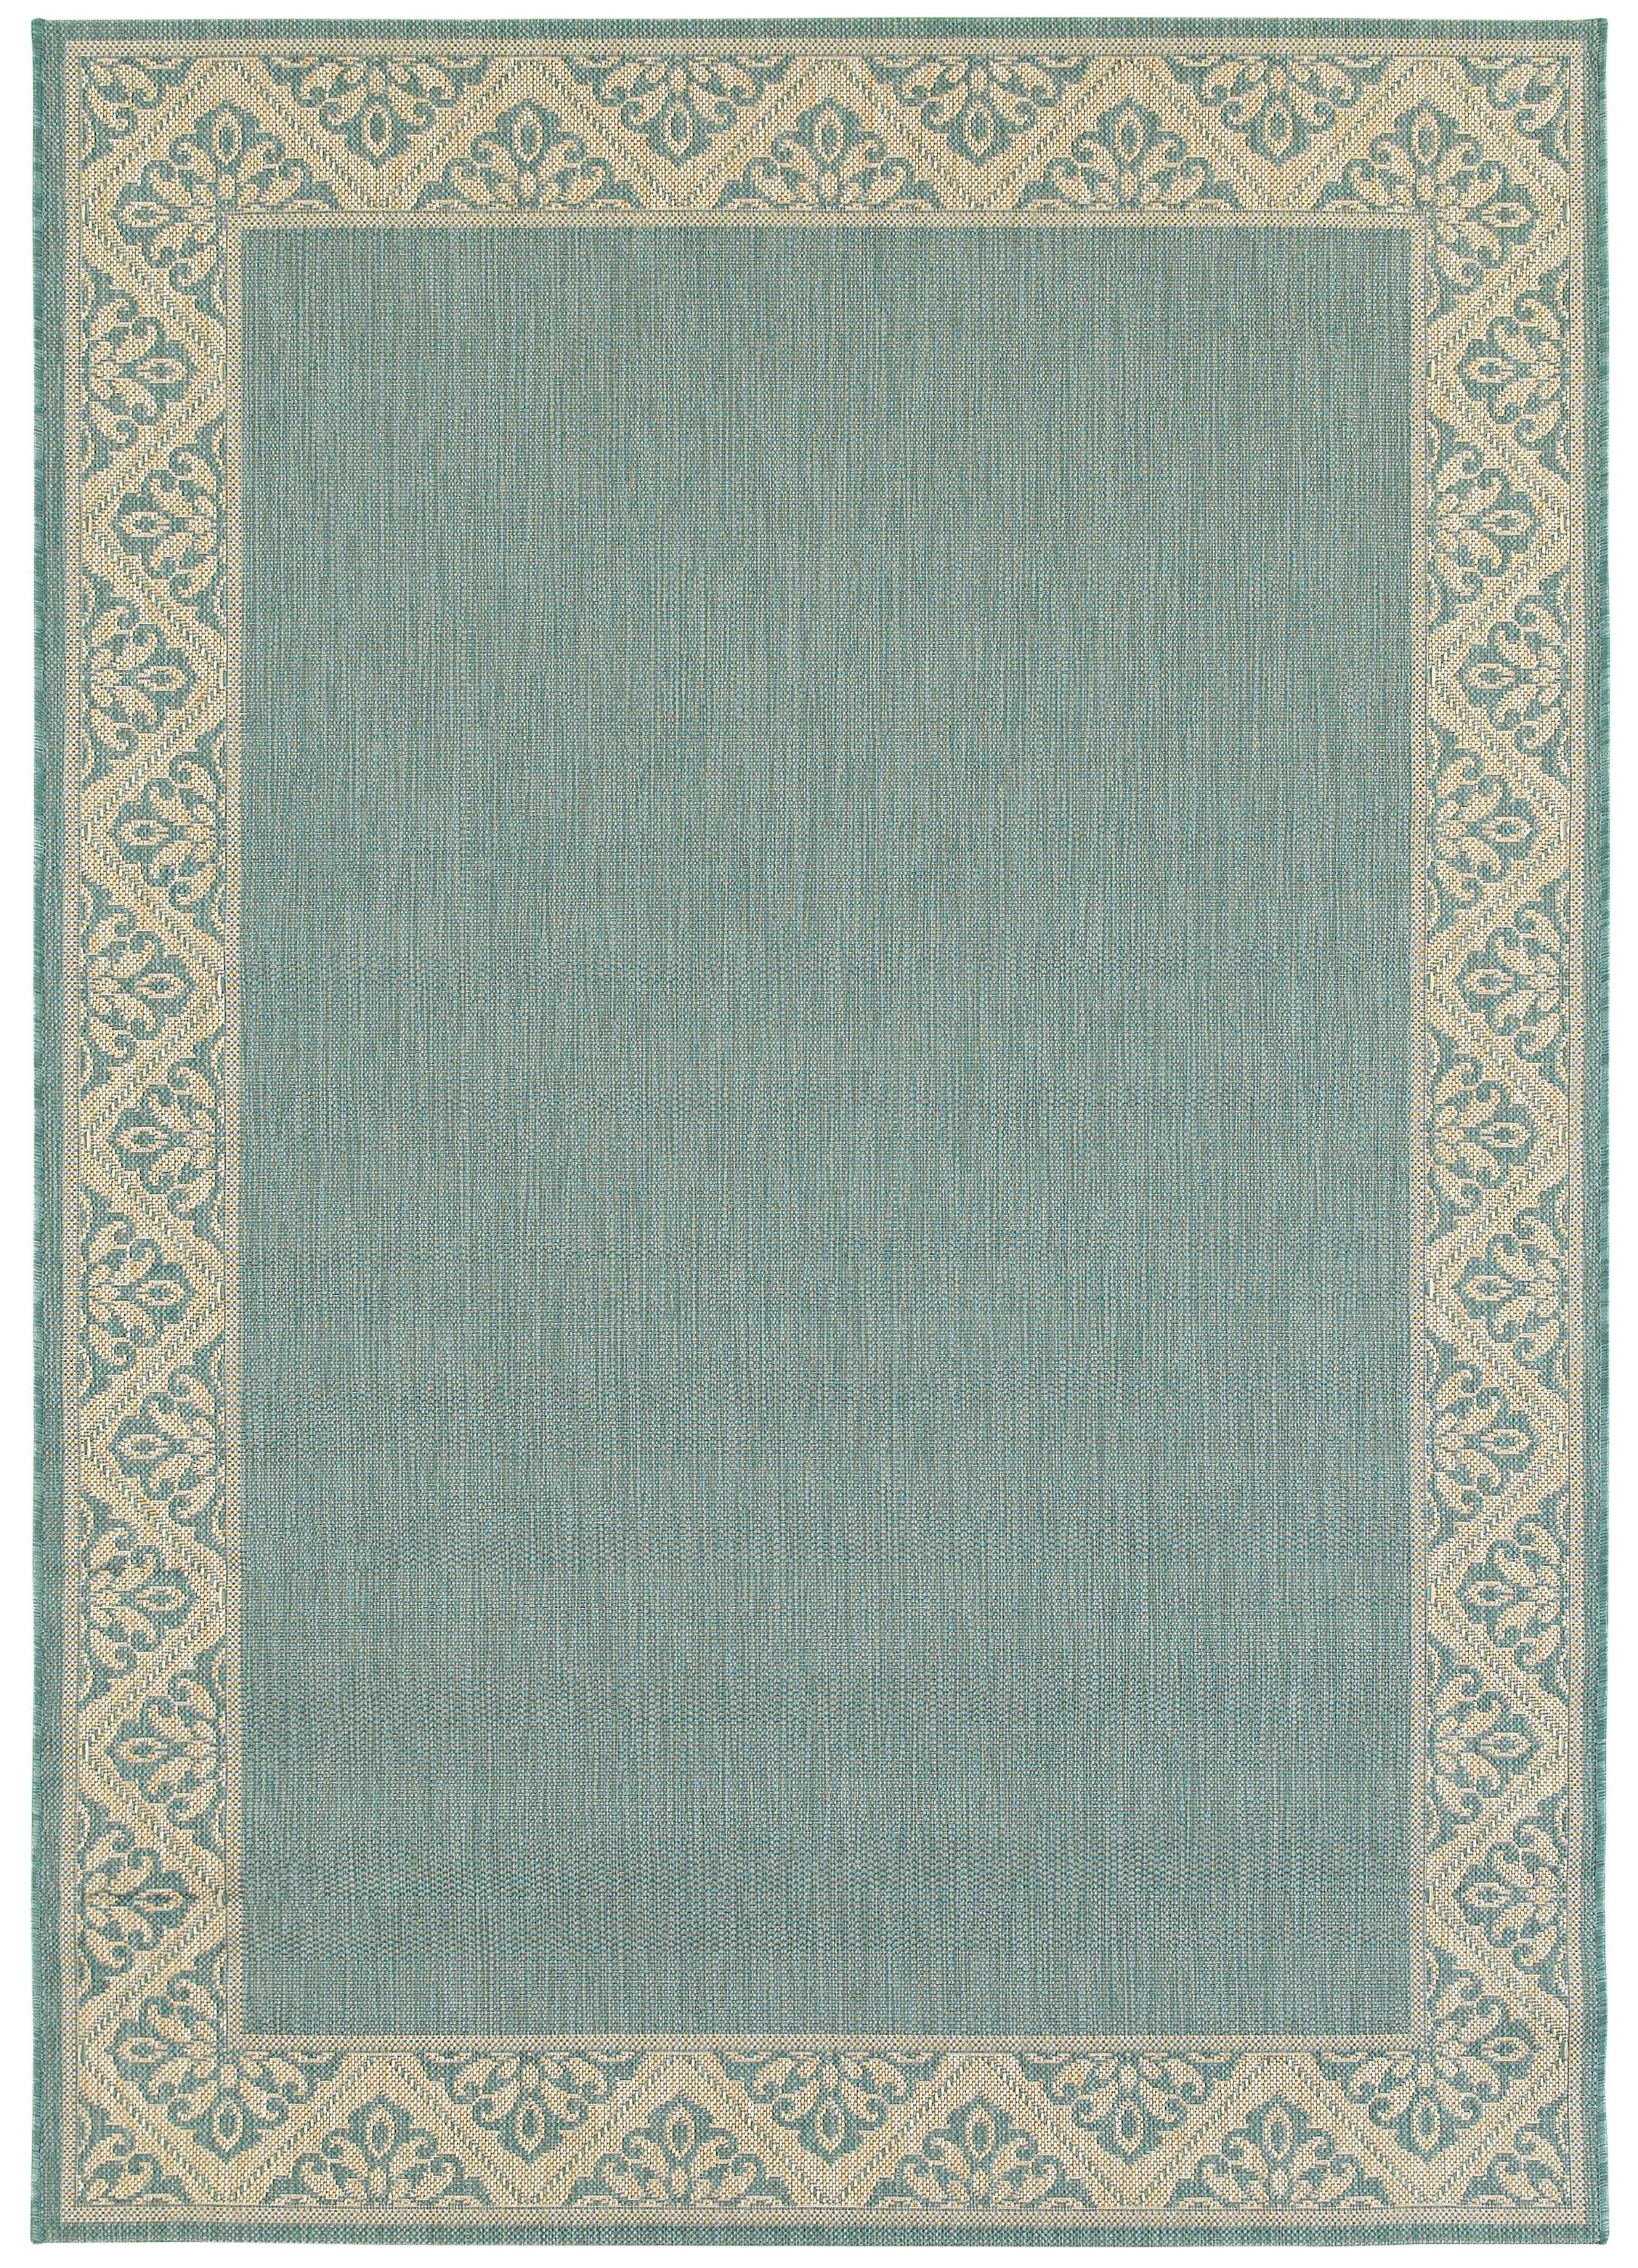 p outdoor foss indoor x area hobnail rug rugs granite ft